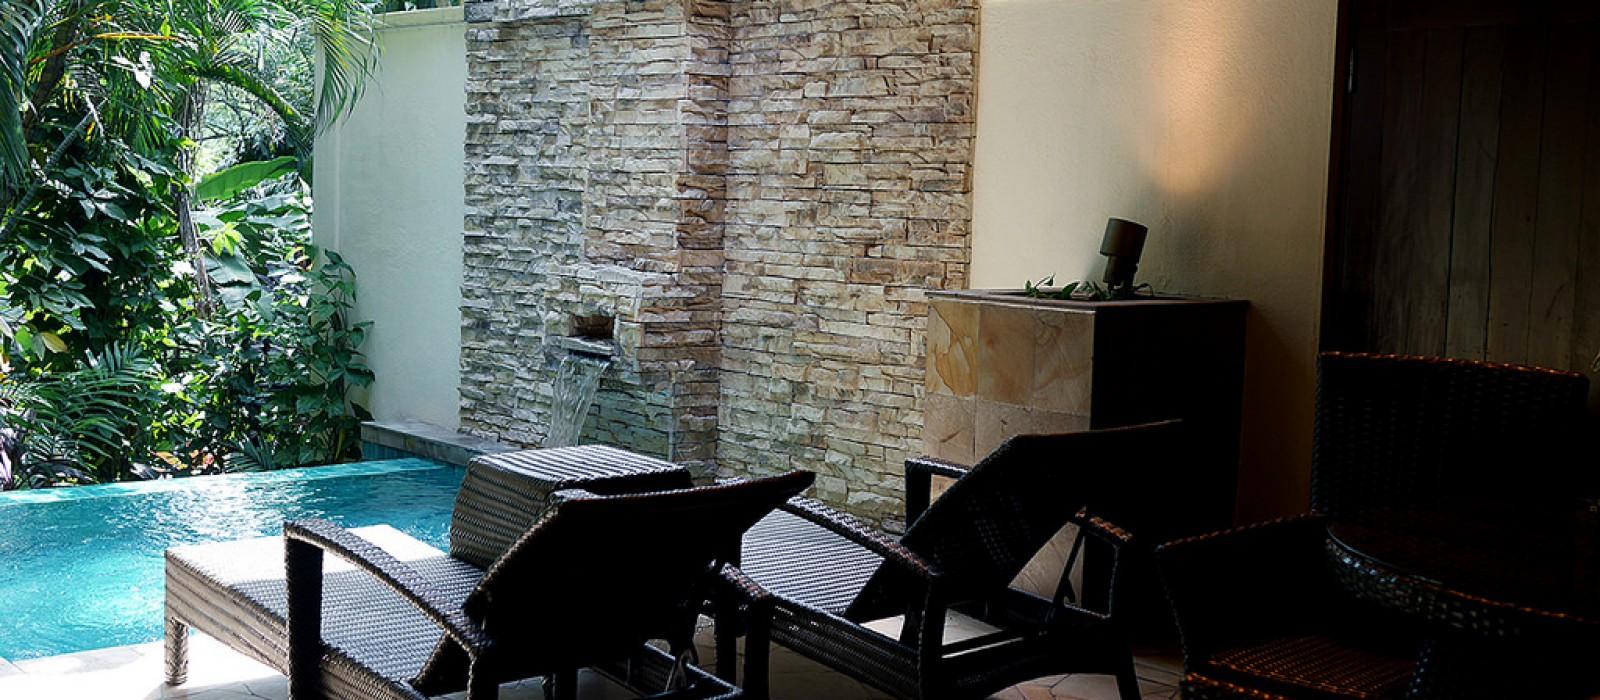 The Villas, Sunway Resort Hotel & Spa